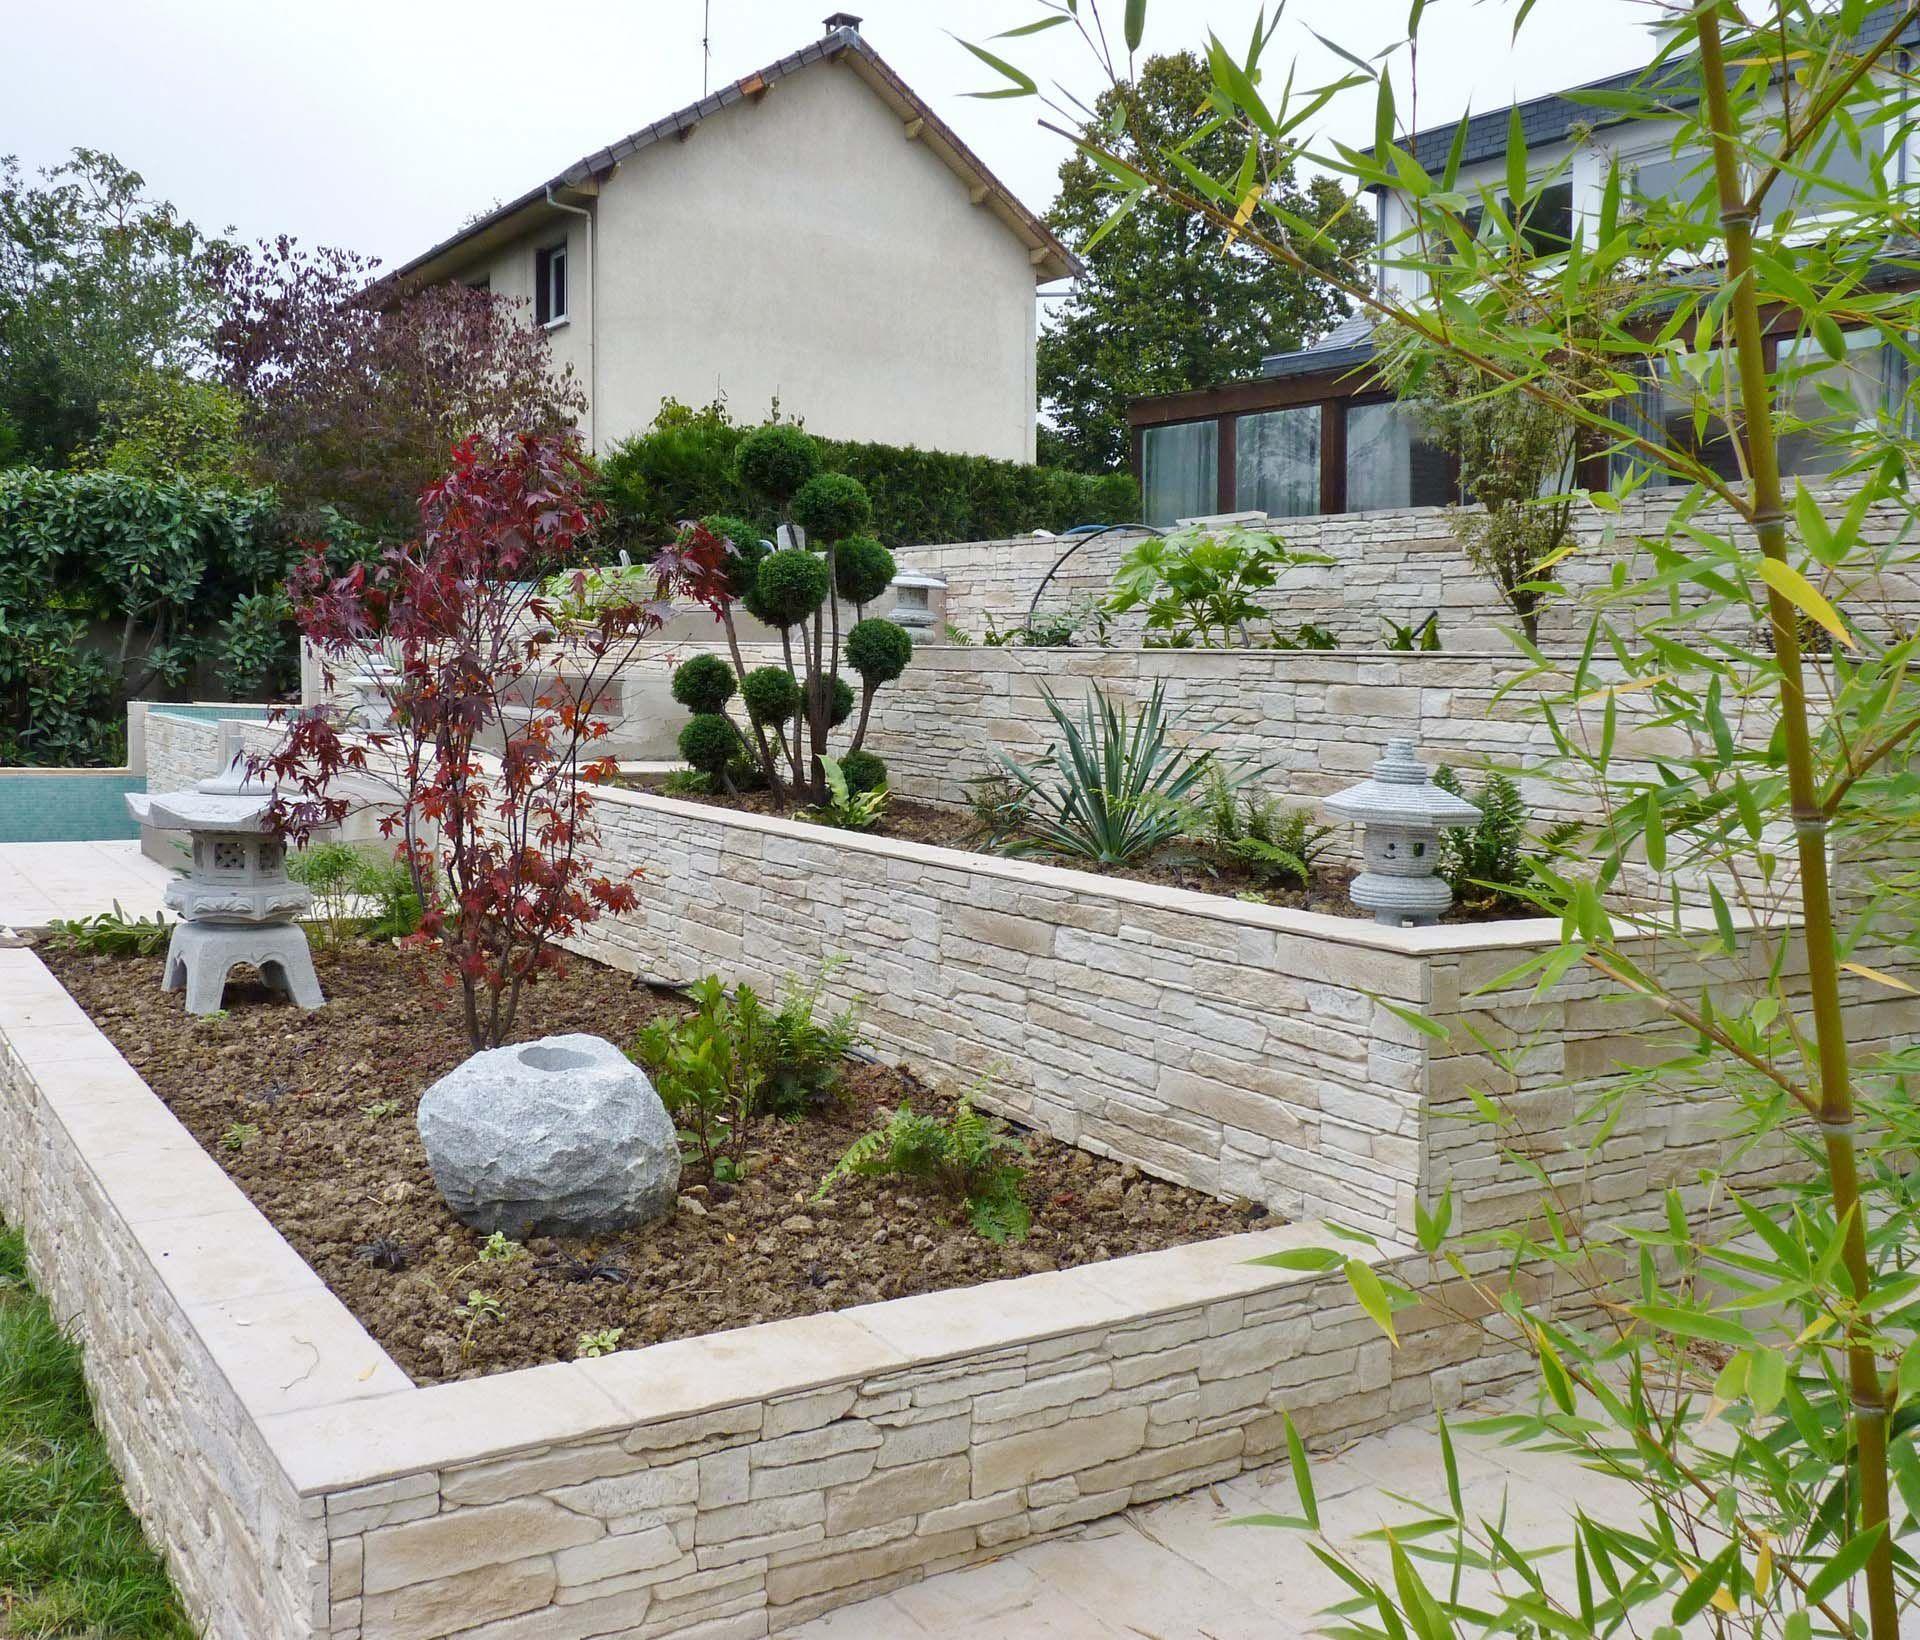 maison renovation luxe amenagement paysage jardin escalier ...